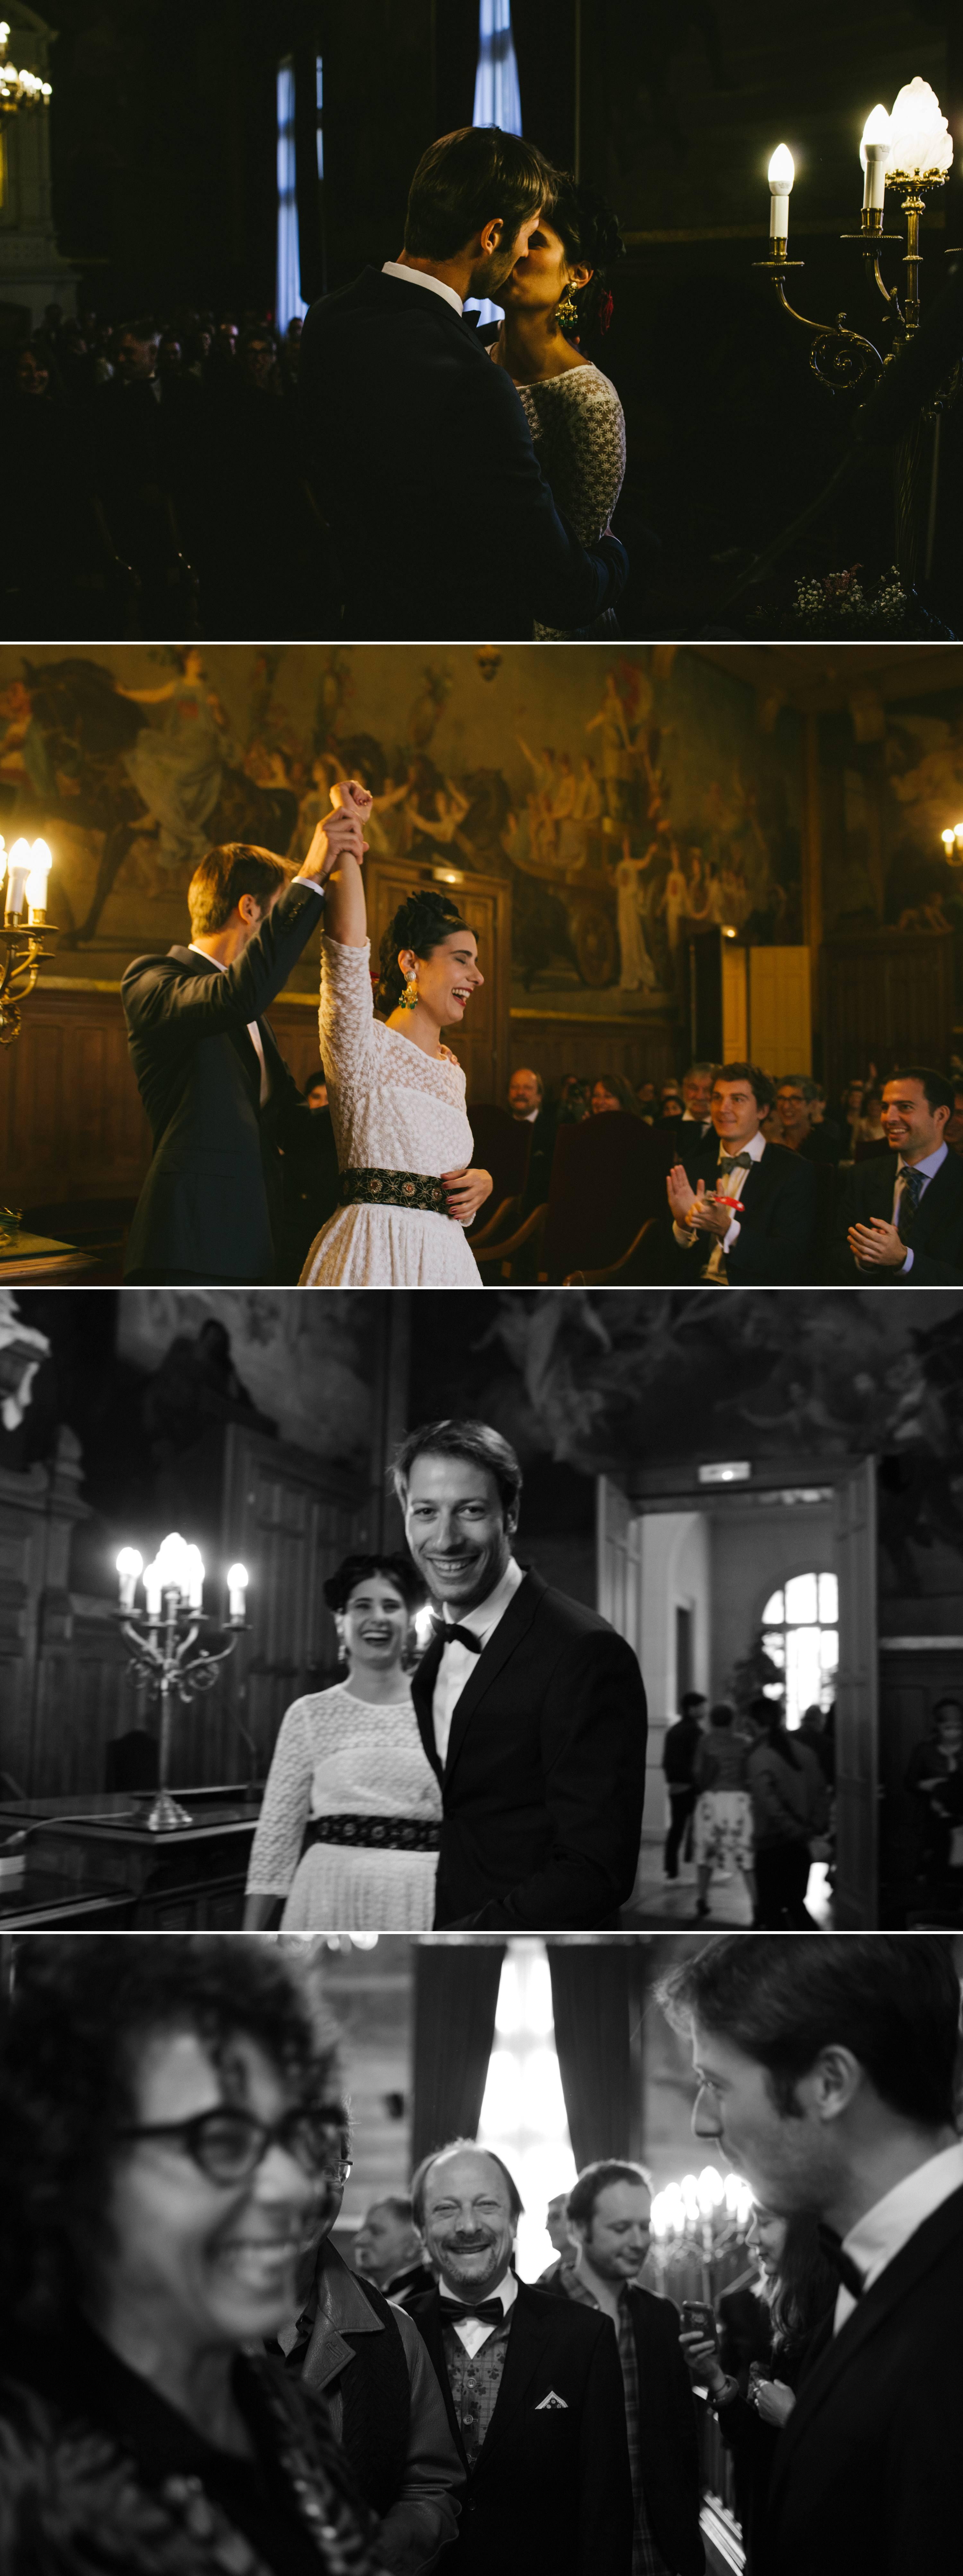 photographe-mariage-enclos-monptlaisir-paris-bordeaux 17